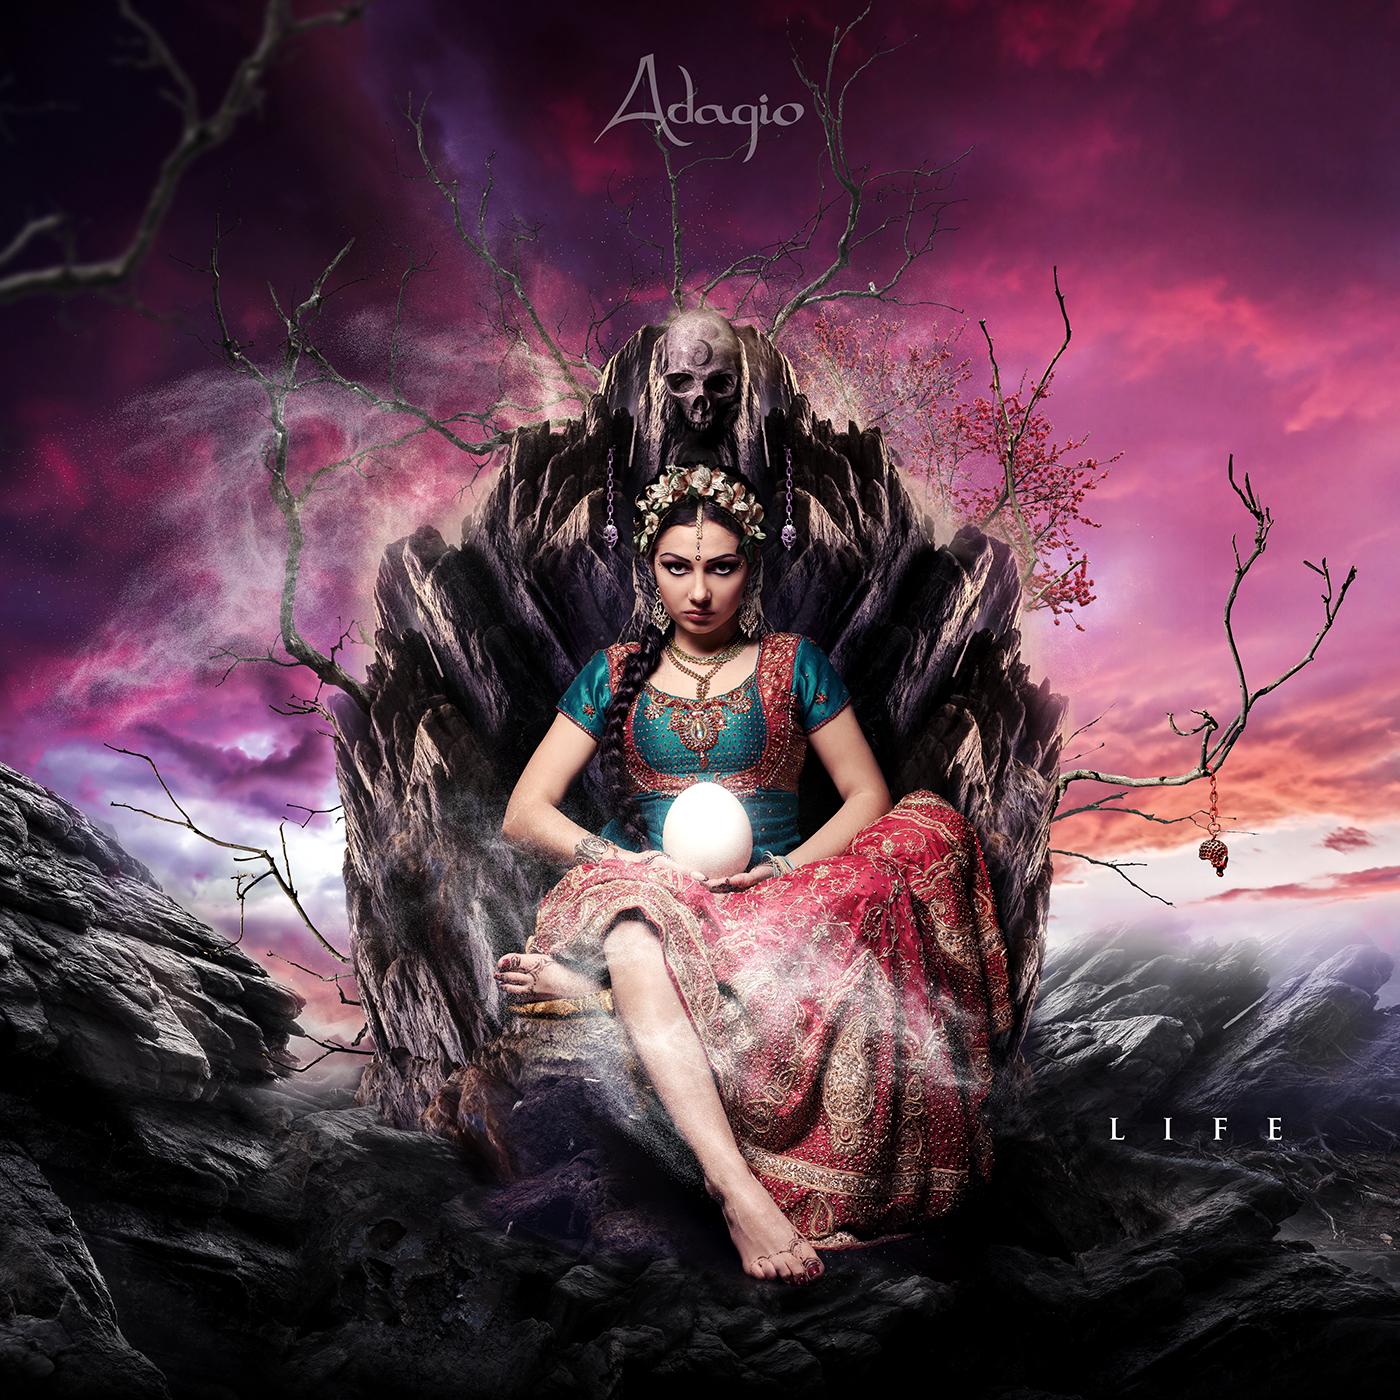 Adagio - Life Review